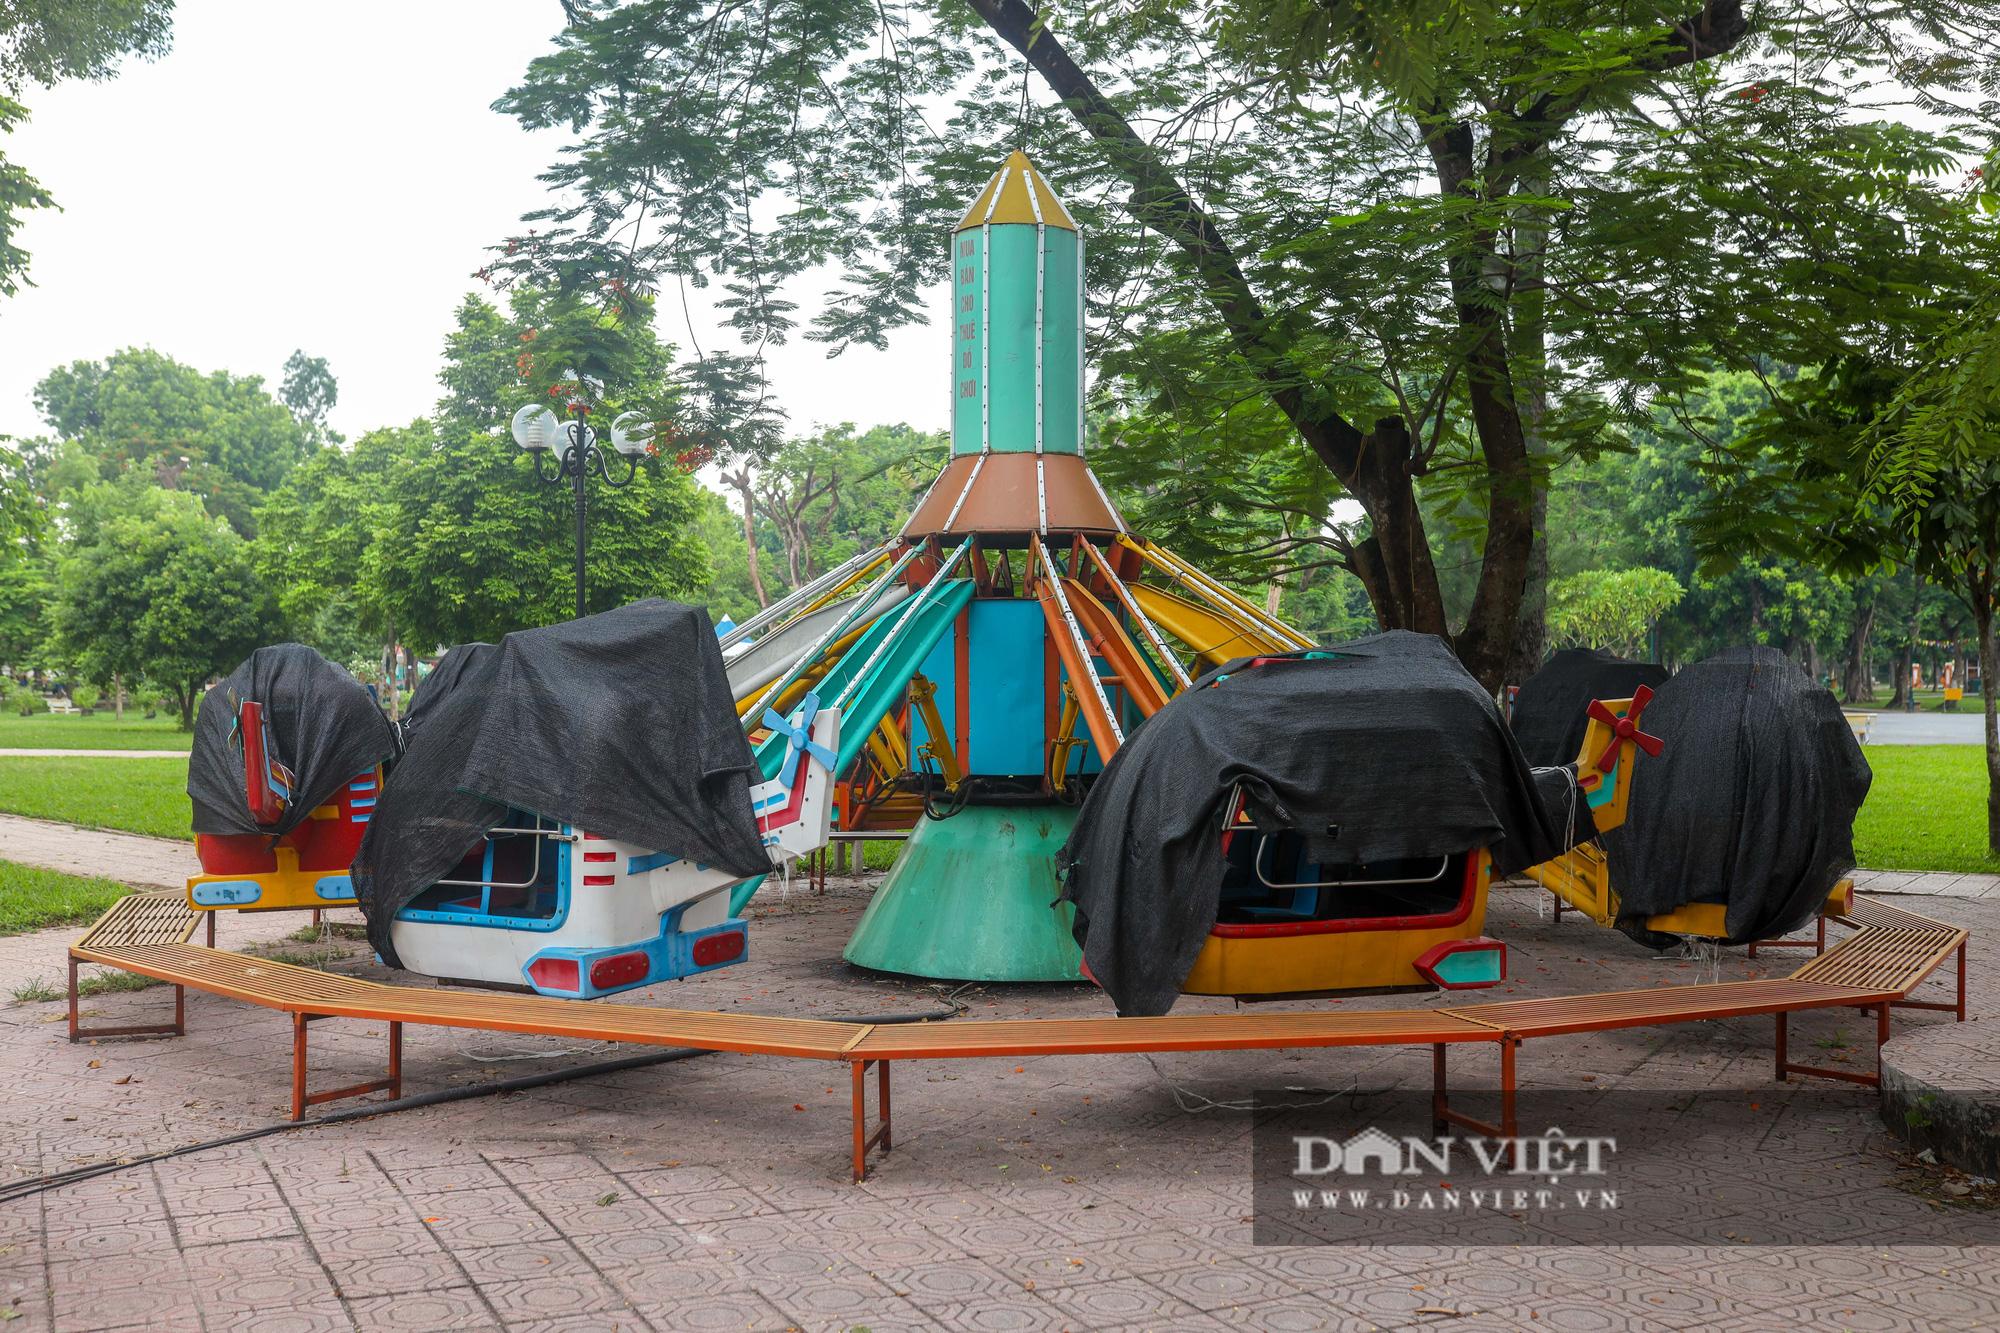 Hà Nội: Nhiều trò chơi trong công viên Thống Nhất ế ẩm, xuống cấp - Ảnh 3.